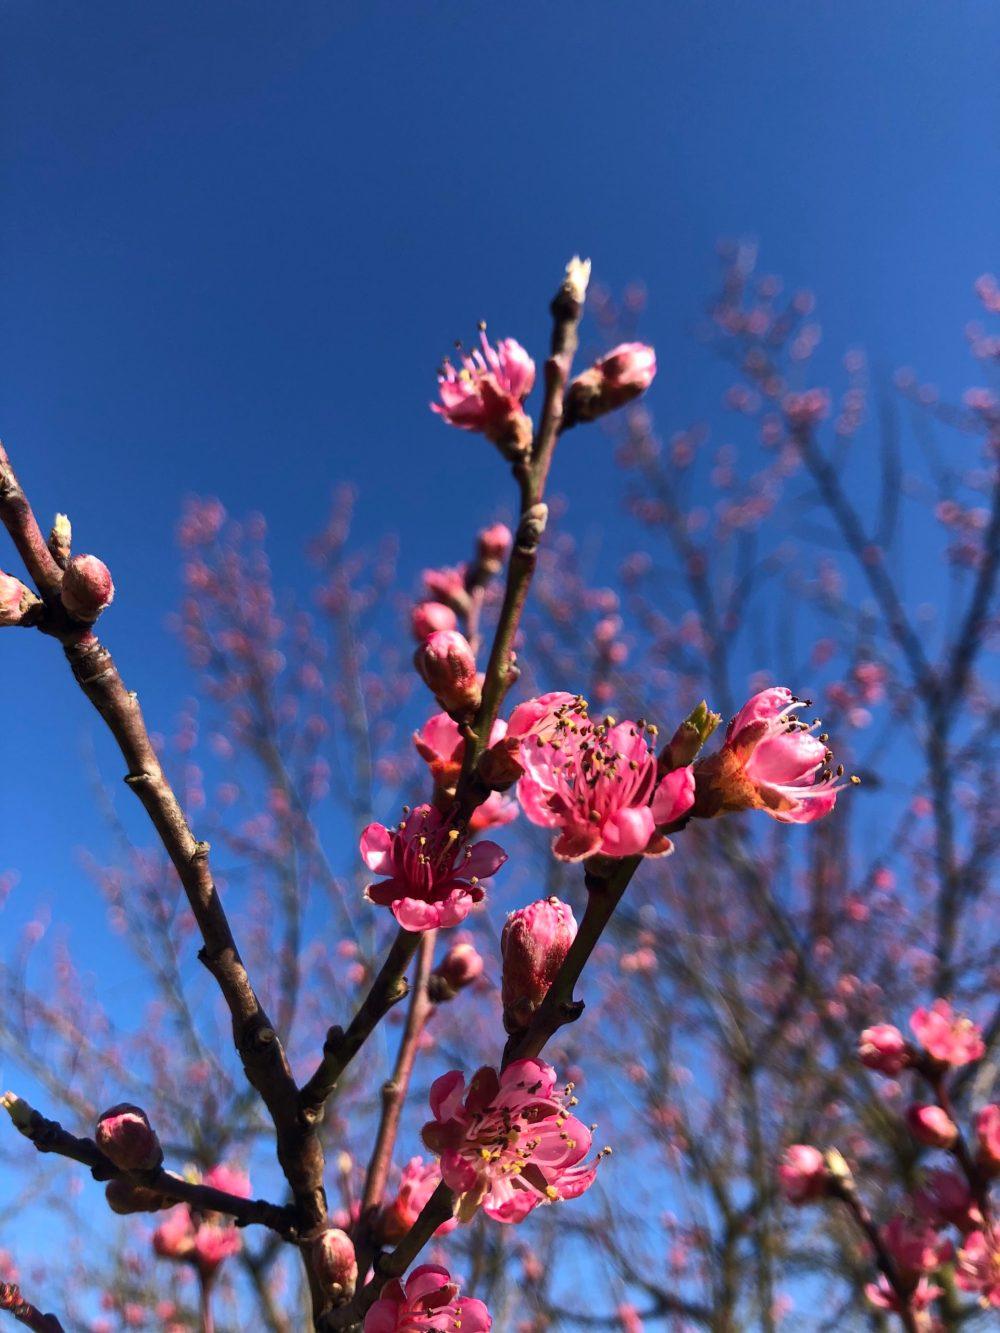 Zweig mit Pfirsichblüten im Vordergrund und Pfirsichbaum im Hintergrund